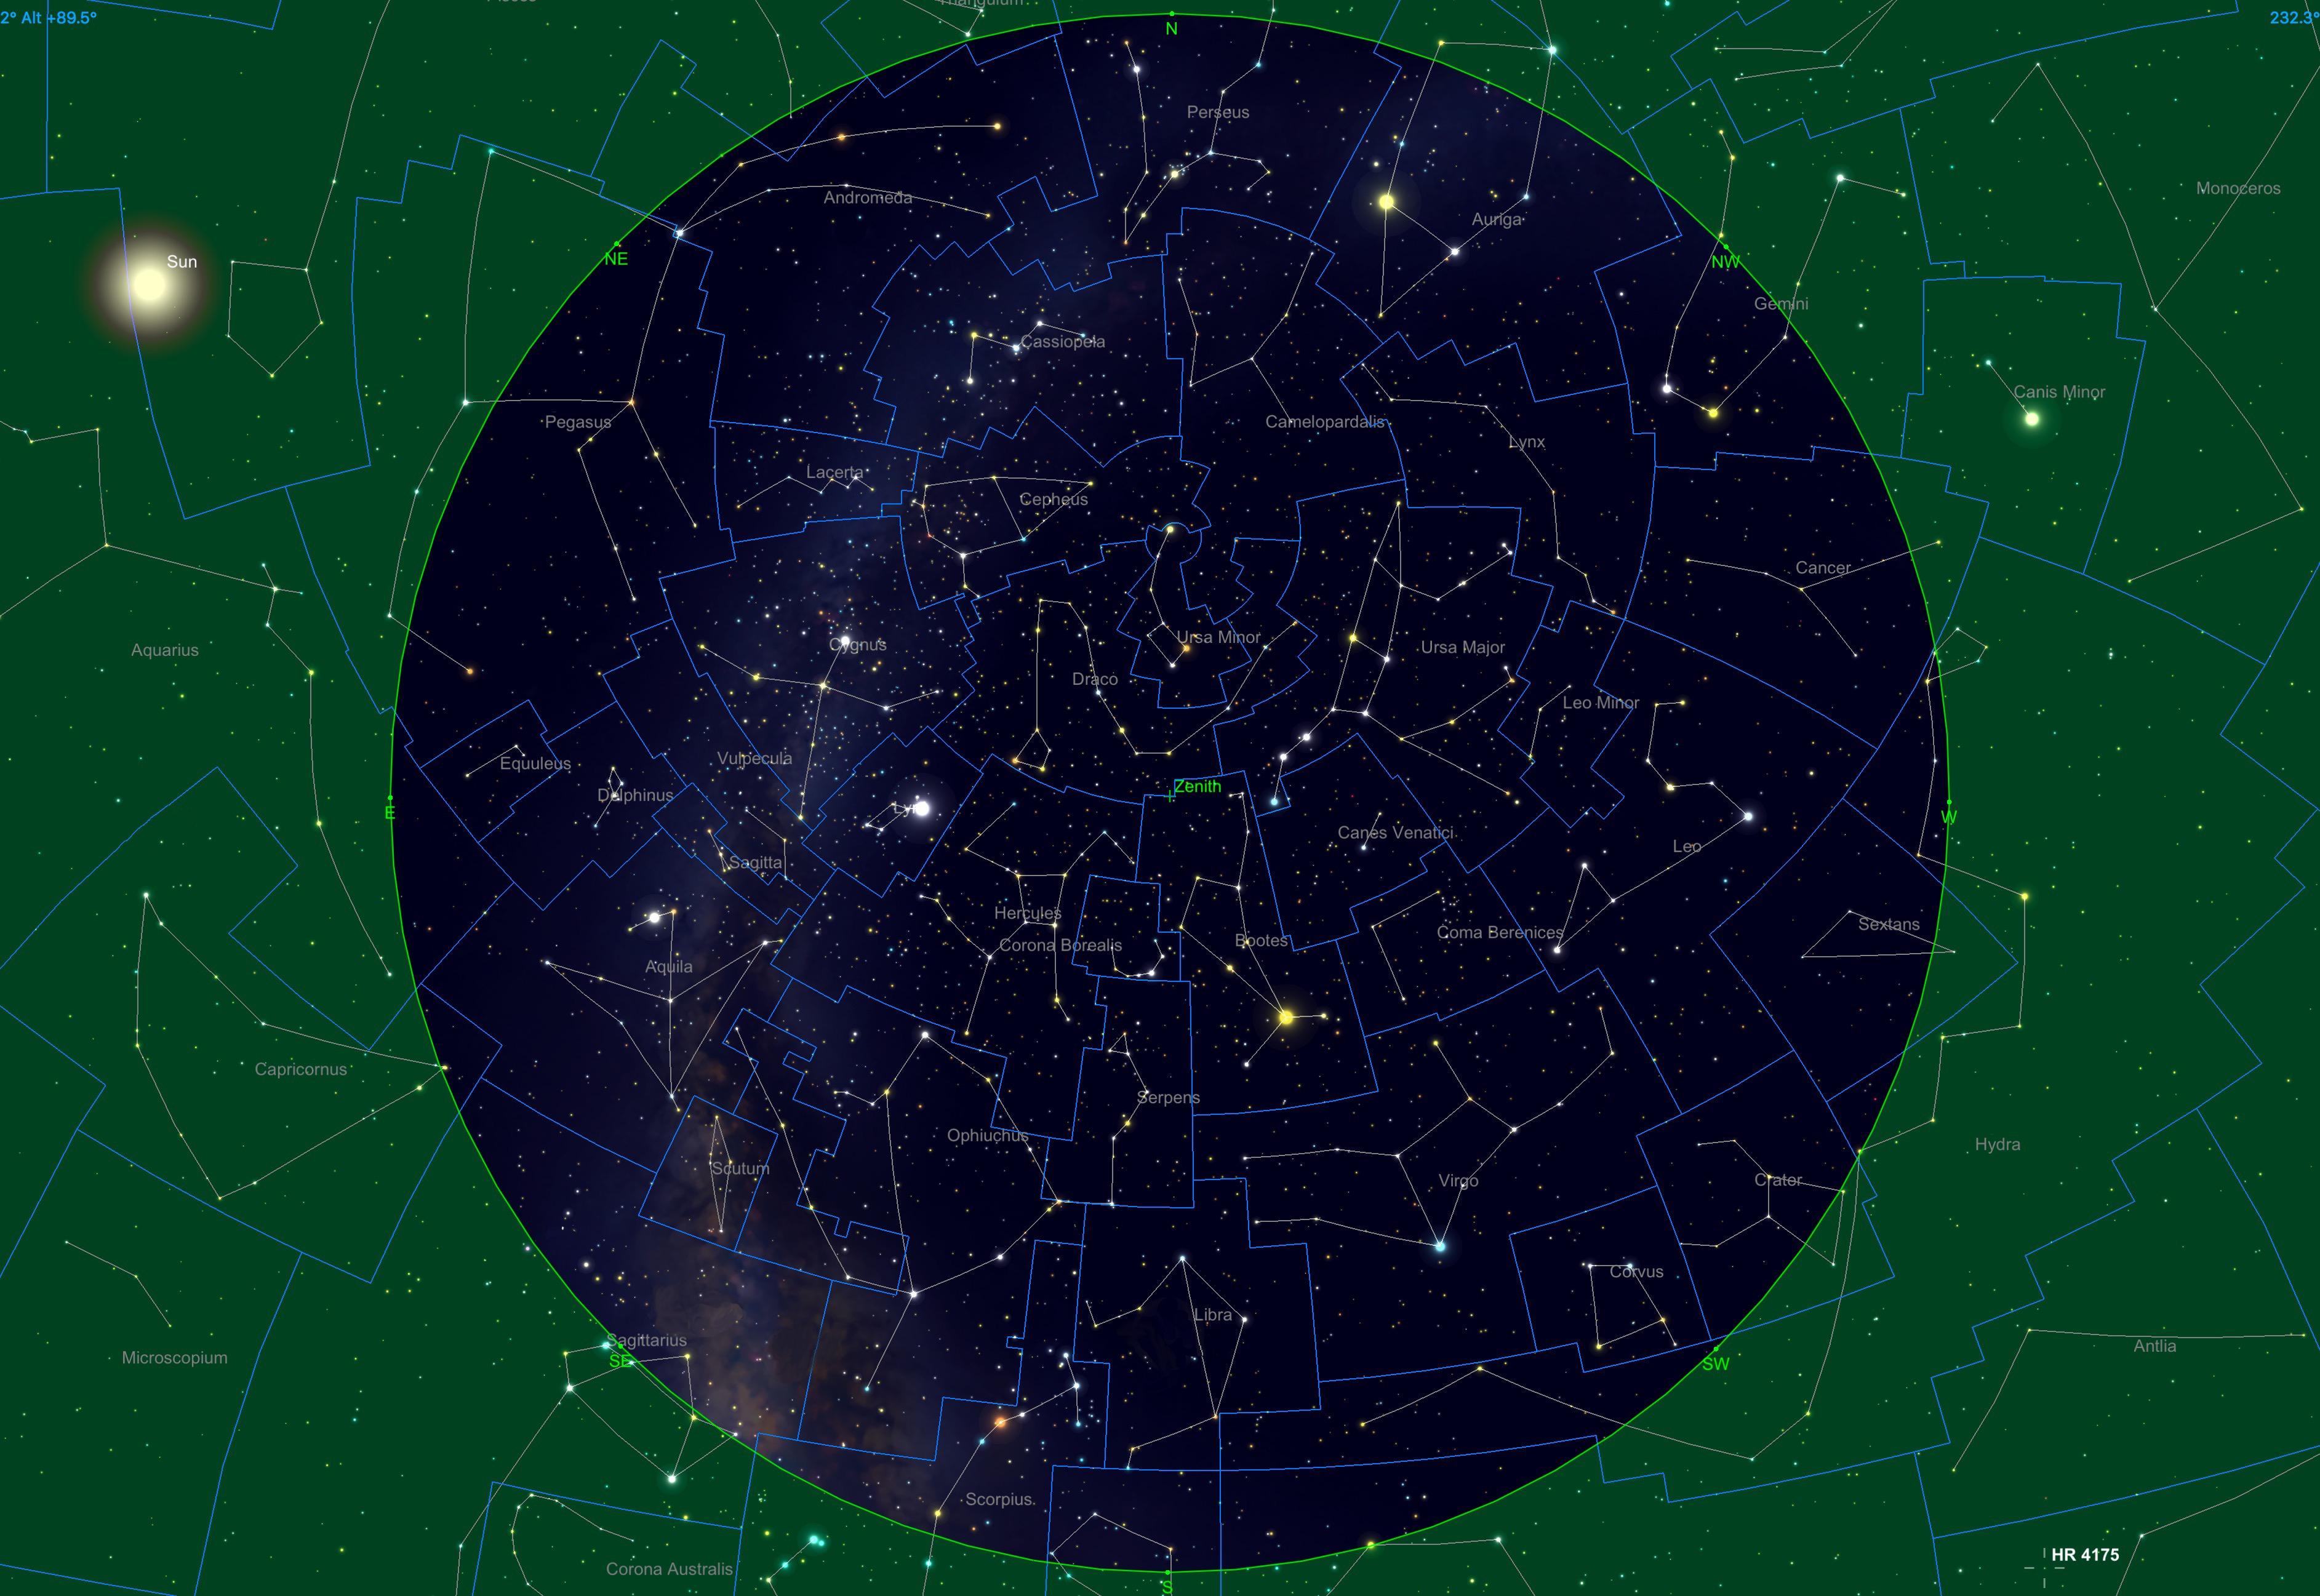 Sternhimmel am 15.03.20, 04:00 Uhr